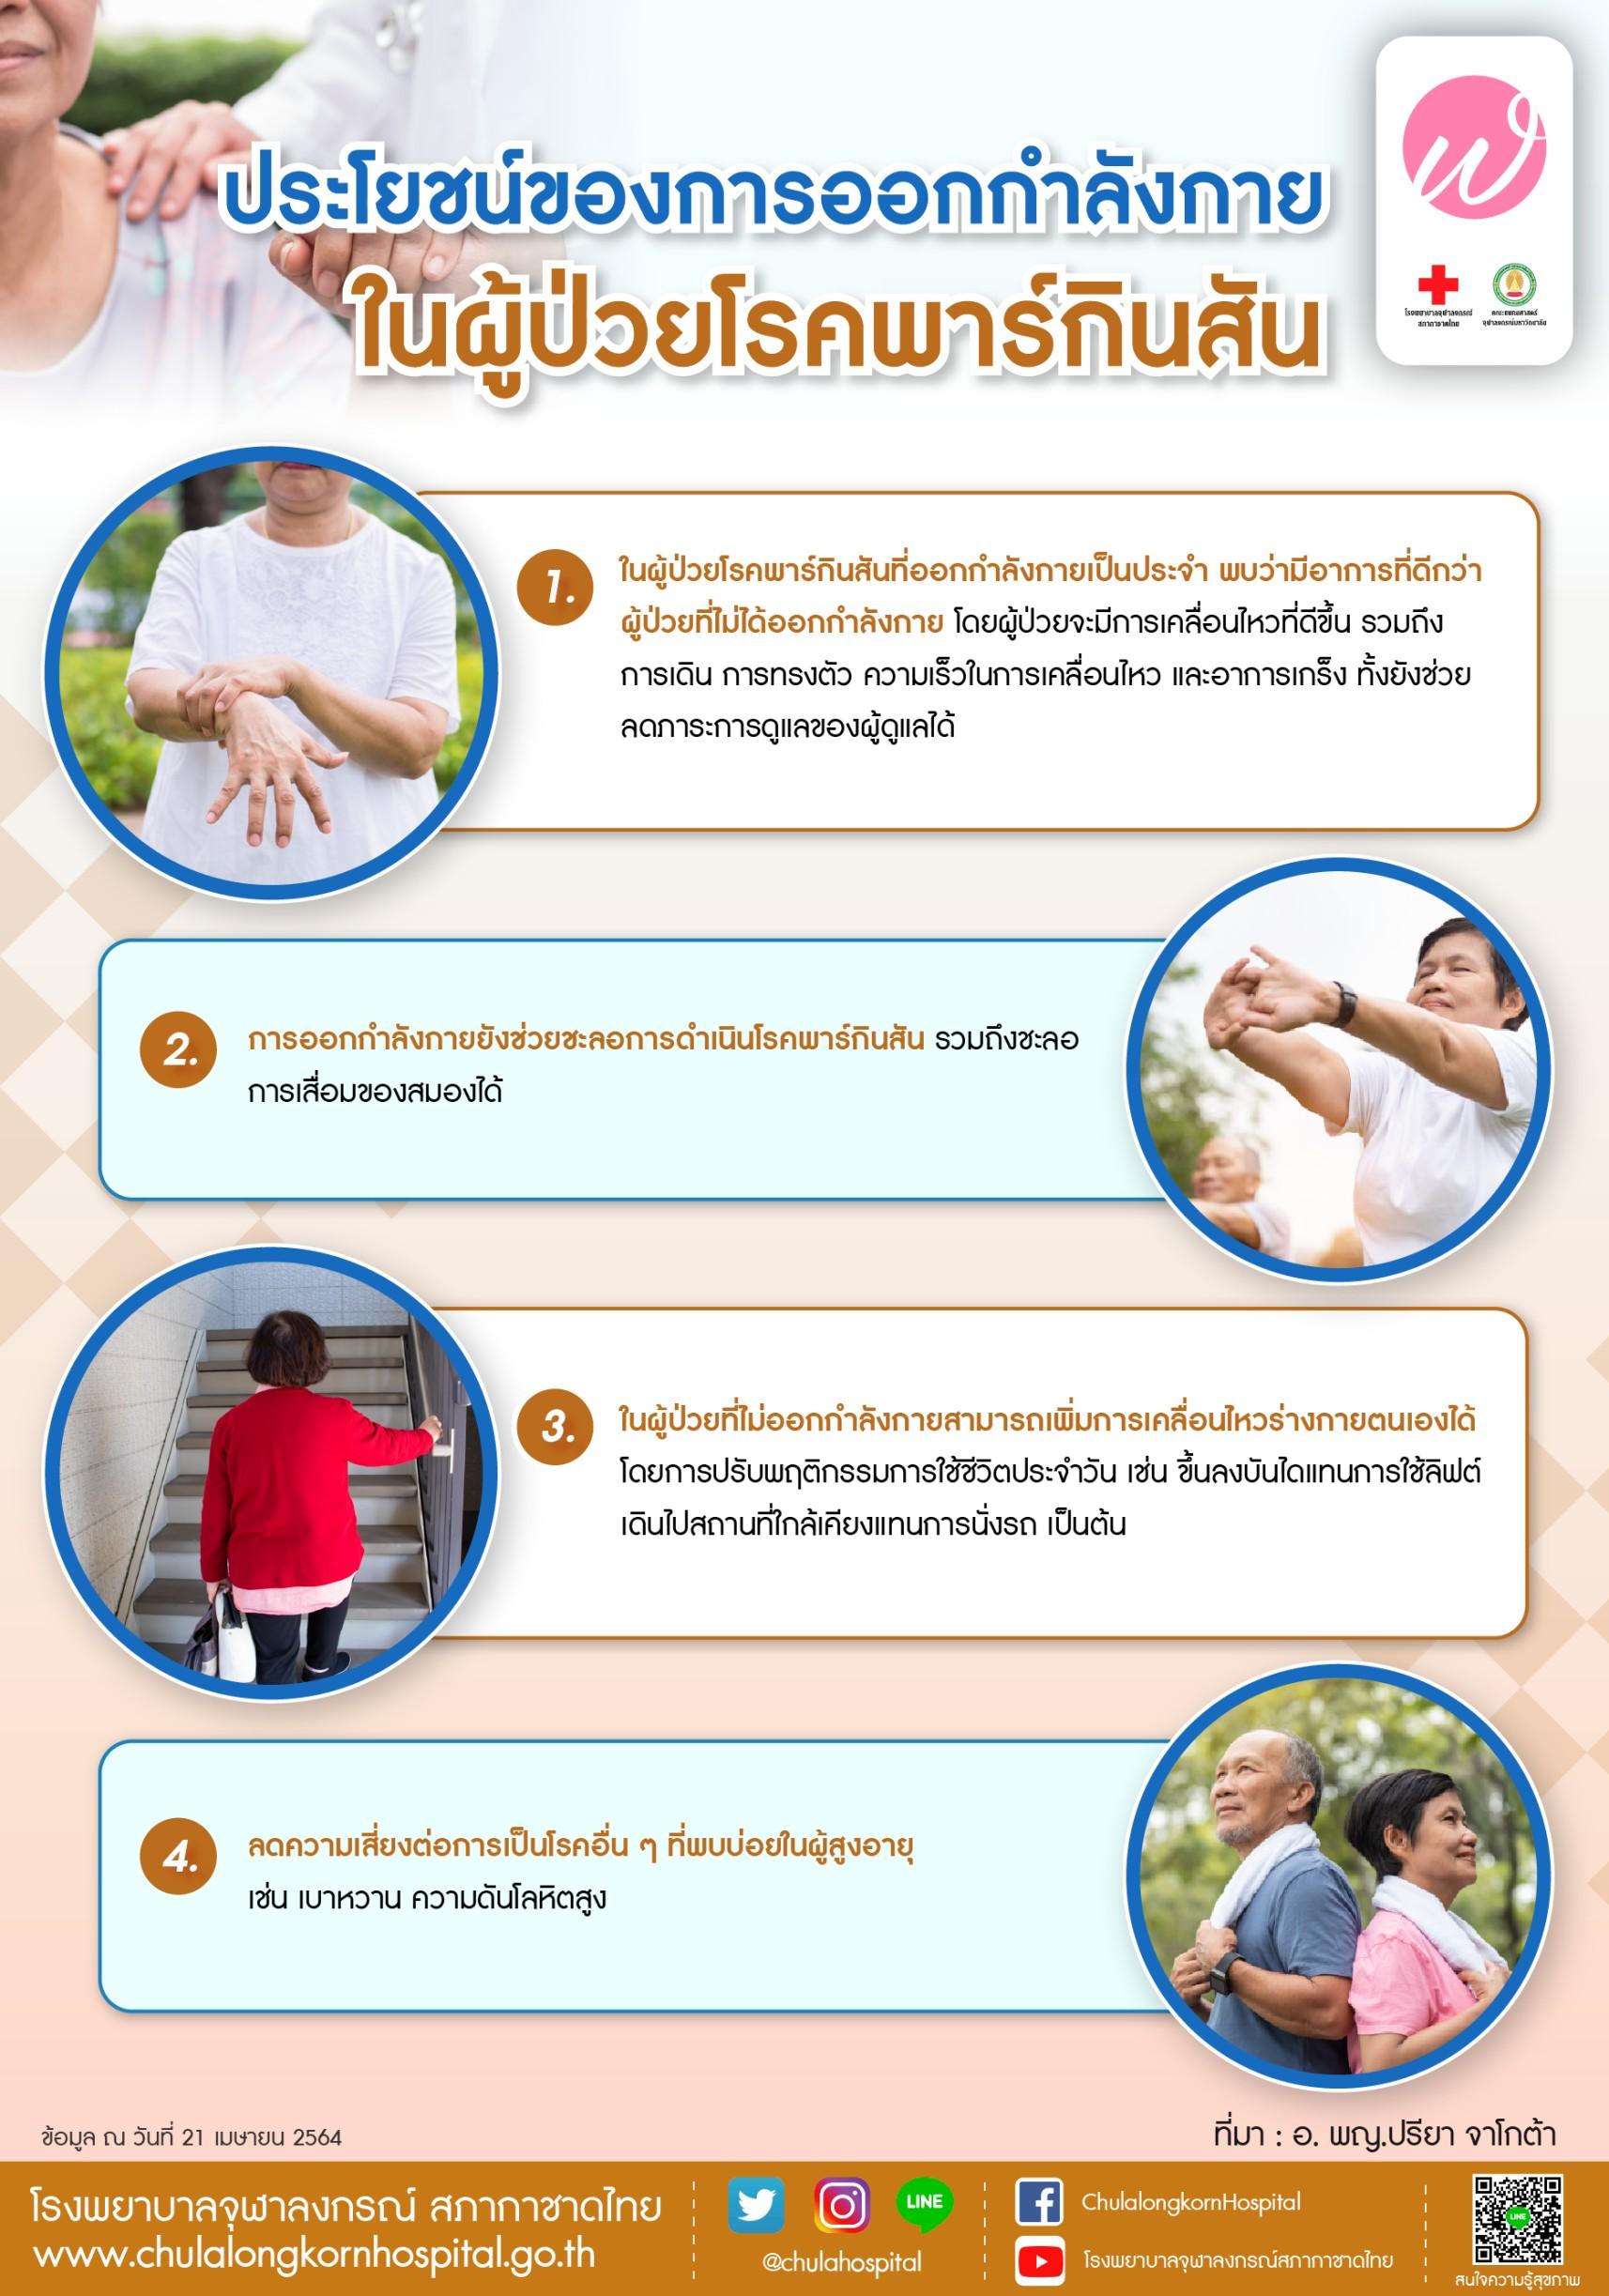 ประโยชน์ของการออกกำลังกายในผู้ป่วยโรคพาร์กินสัน